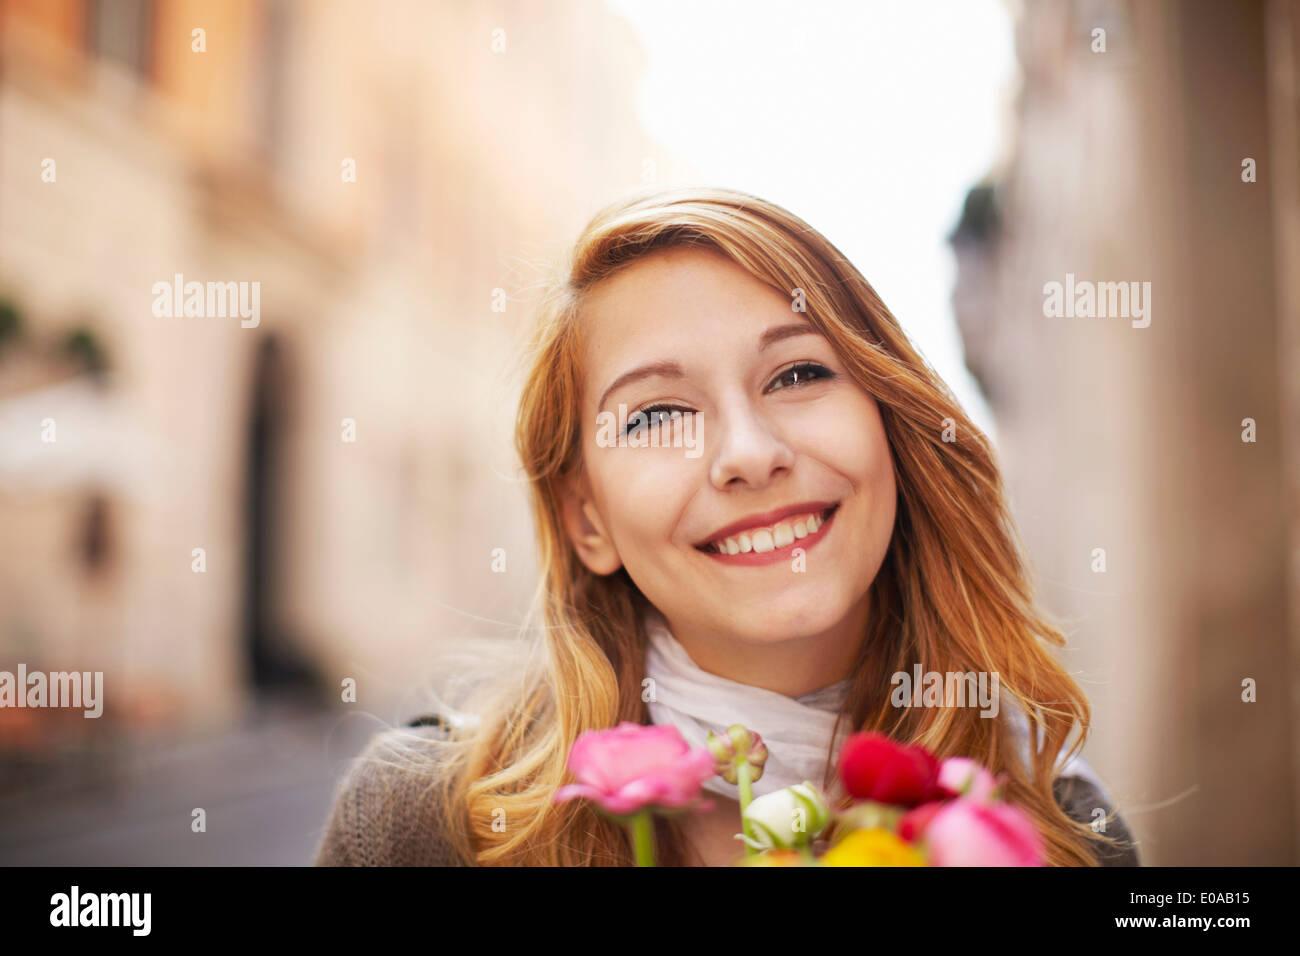 Mujer sonriente con un ramo de flores Imagen De Stock